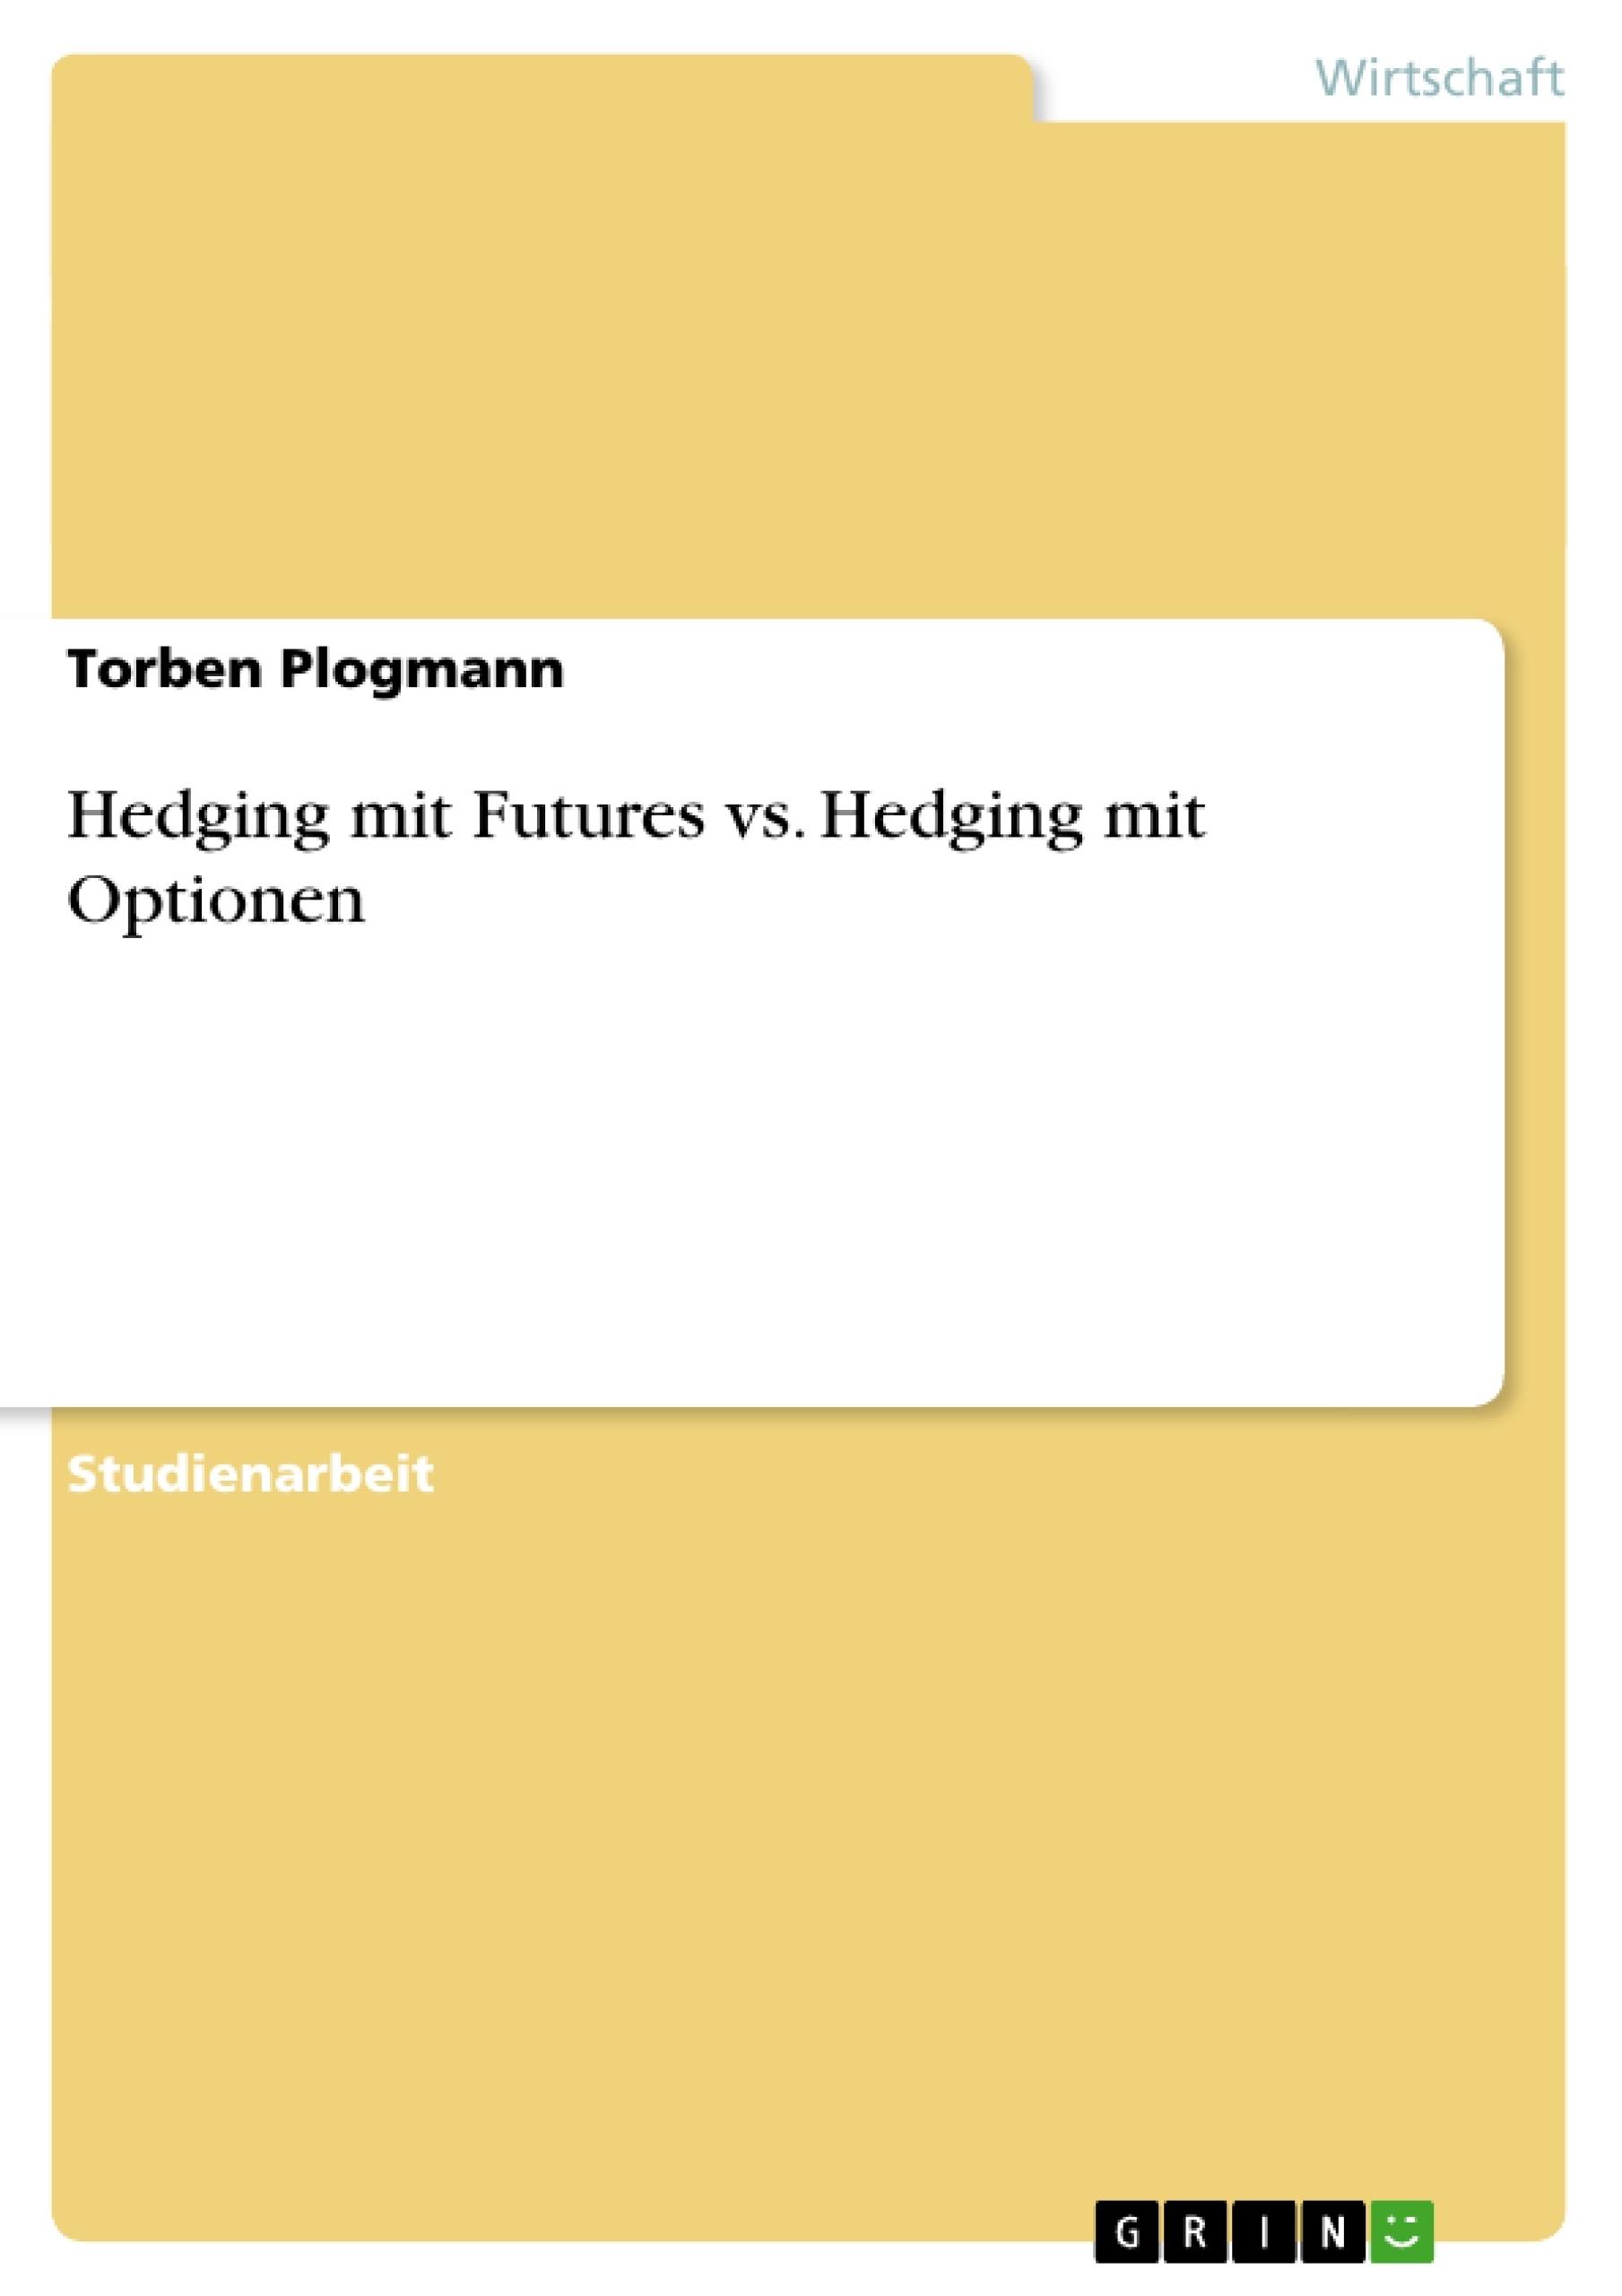 Titel: Hedging mit Futures vs. Hedging mit Optionen